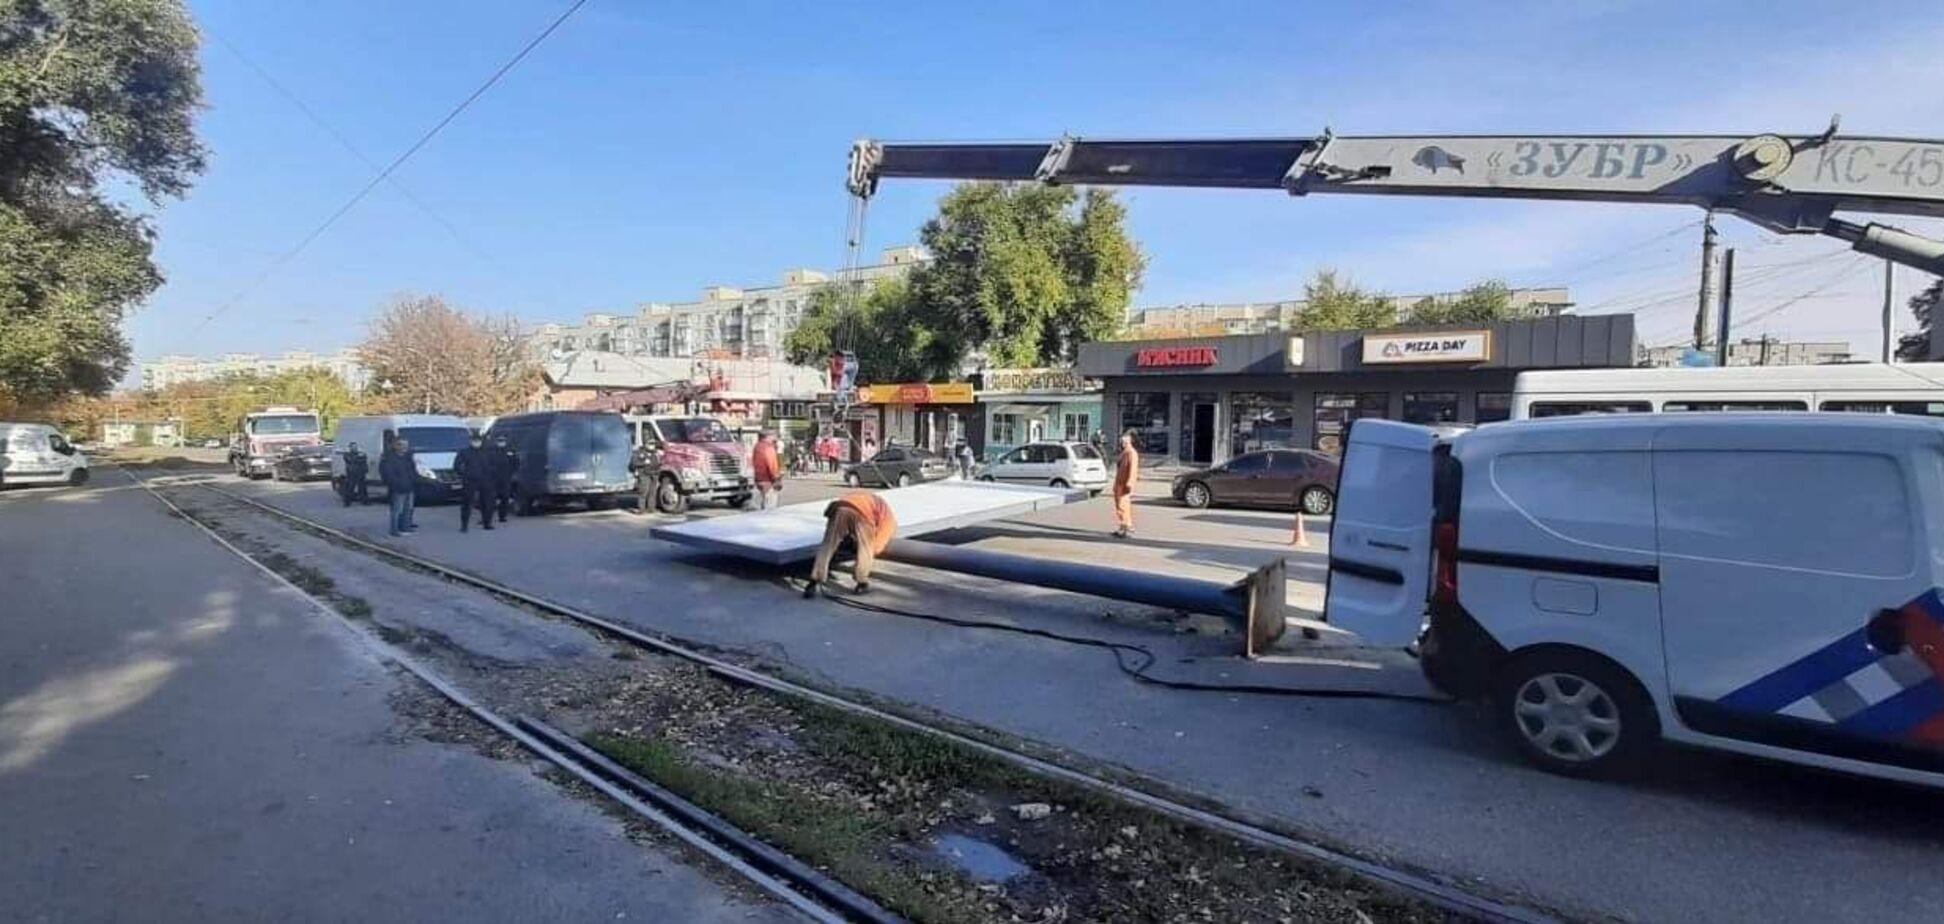 У Дніпрі триває демонтаж ще майже 150 незаконних рекламних конструкцій, – Філатов